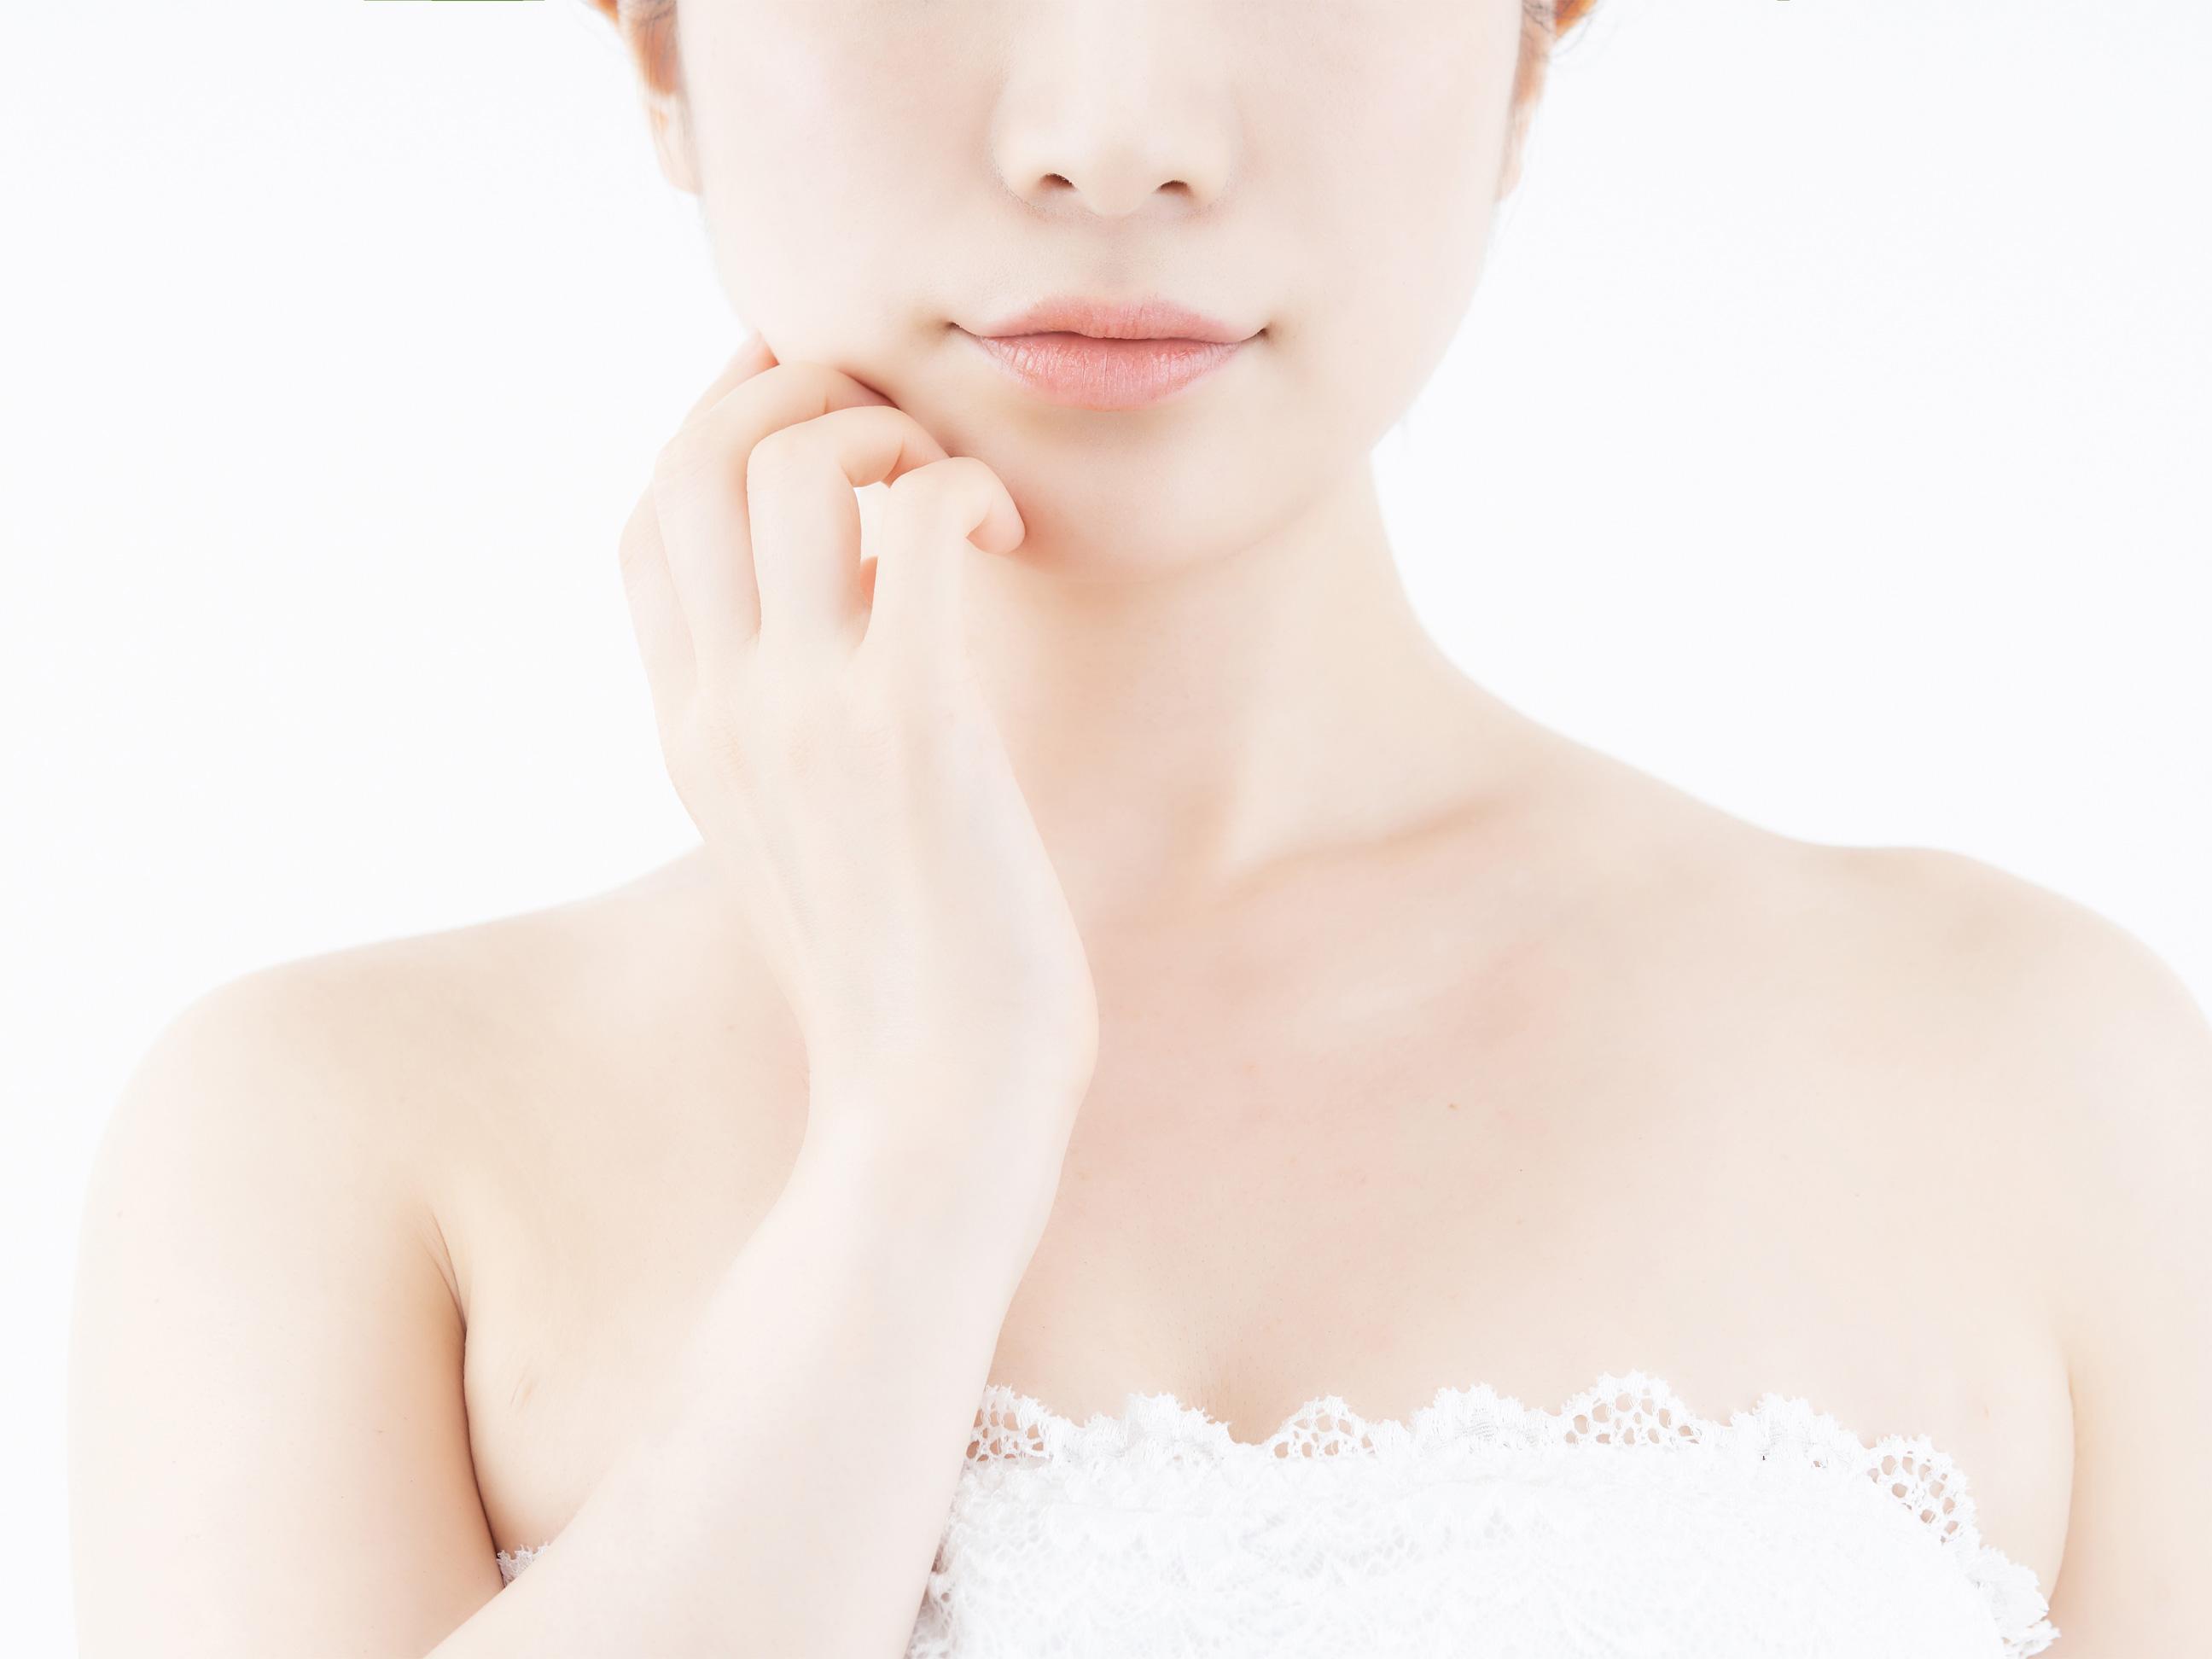 秋冬に硬くなりがちな肌をふっくら柔らかに、乳液の役割とは 01